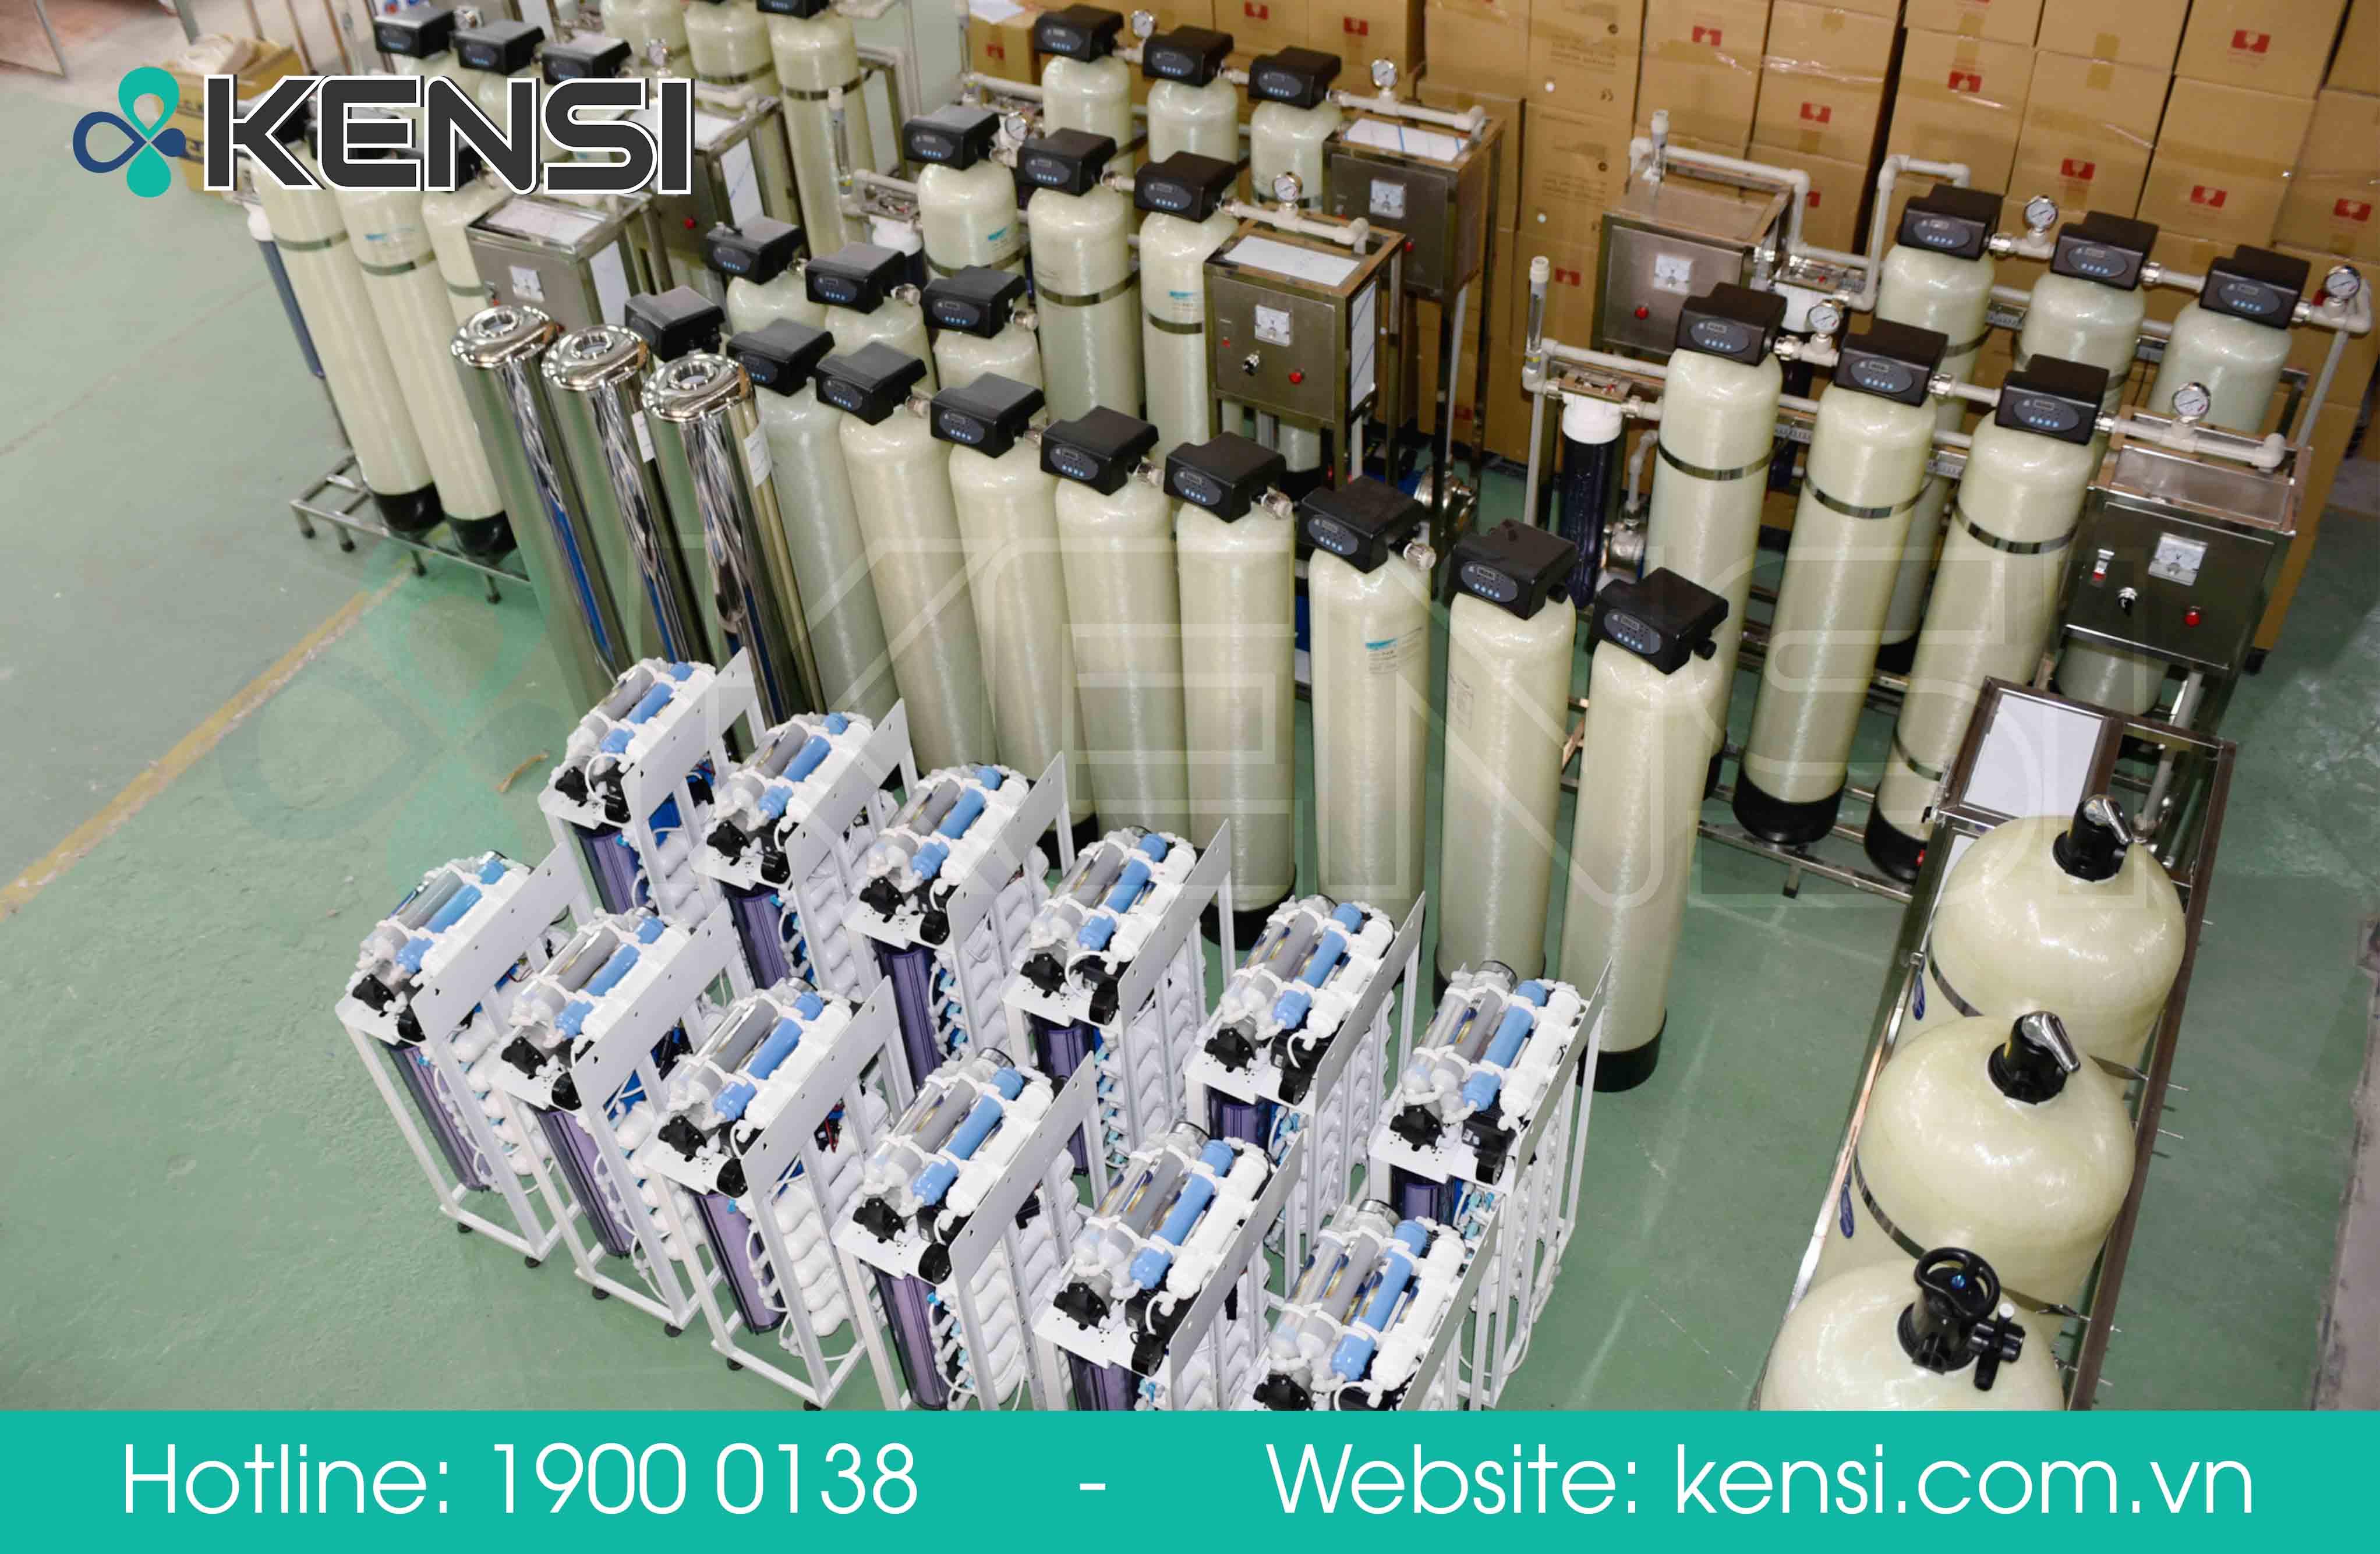 Lắp đặt máy lọc nước công nghiệp và bán công nghiệp tại Đà Nẵng